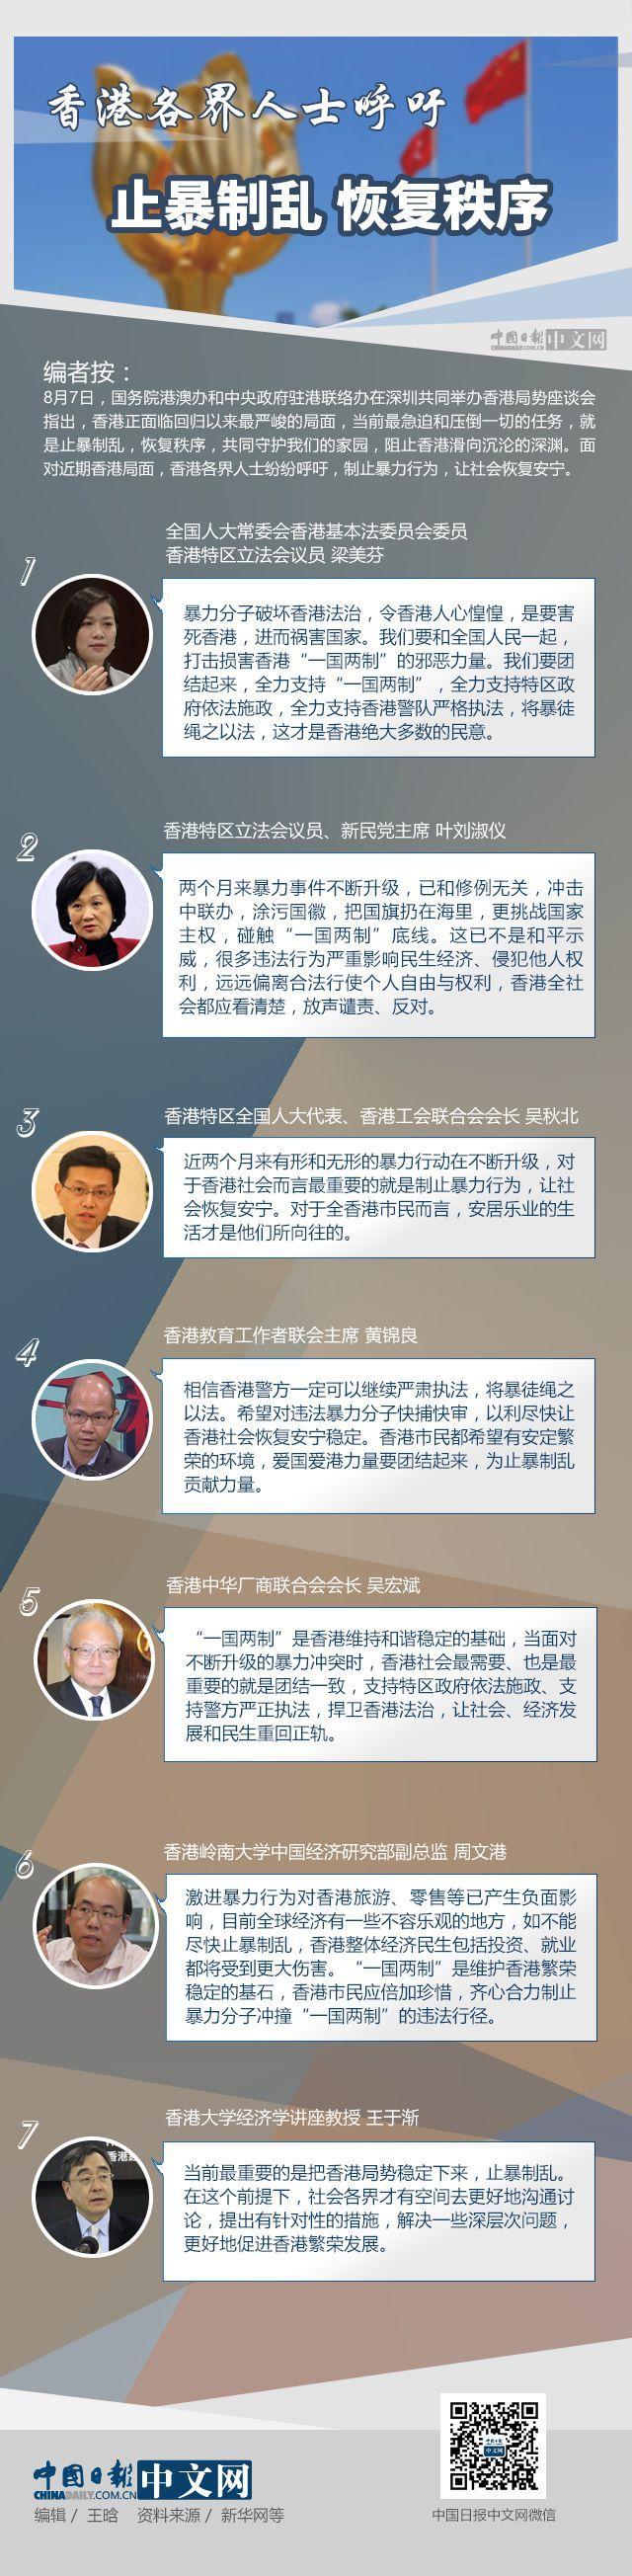 时时彩输了追回案例图解丨香港各界人士呼吁:止暴制乱 恢复秩序